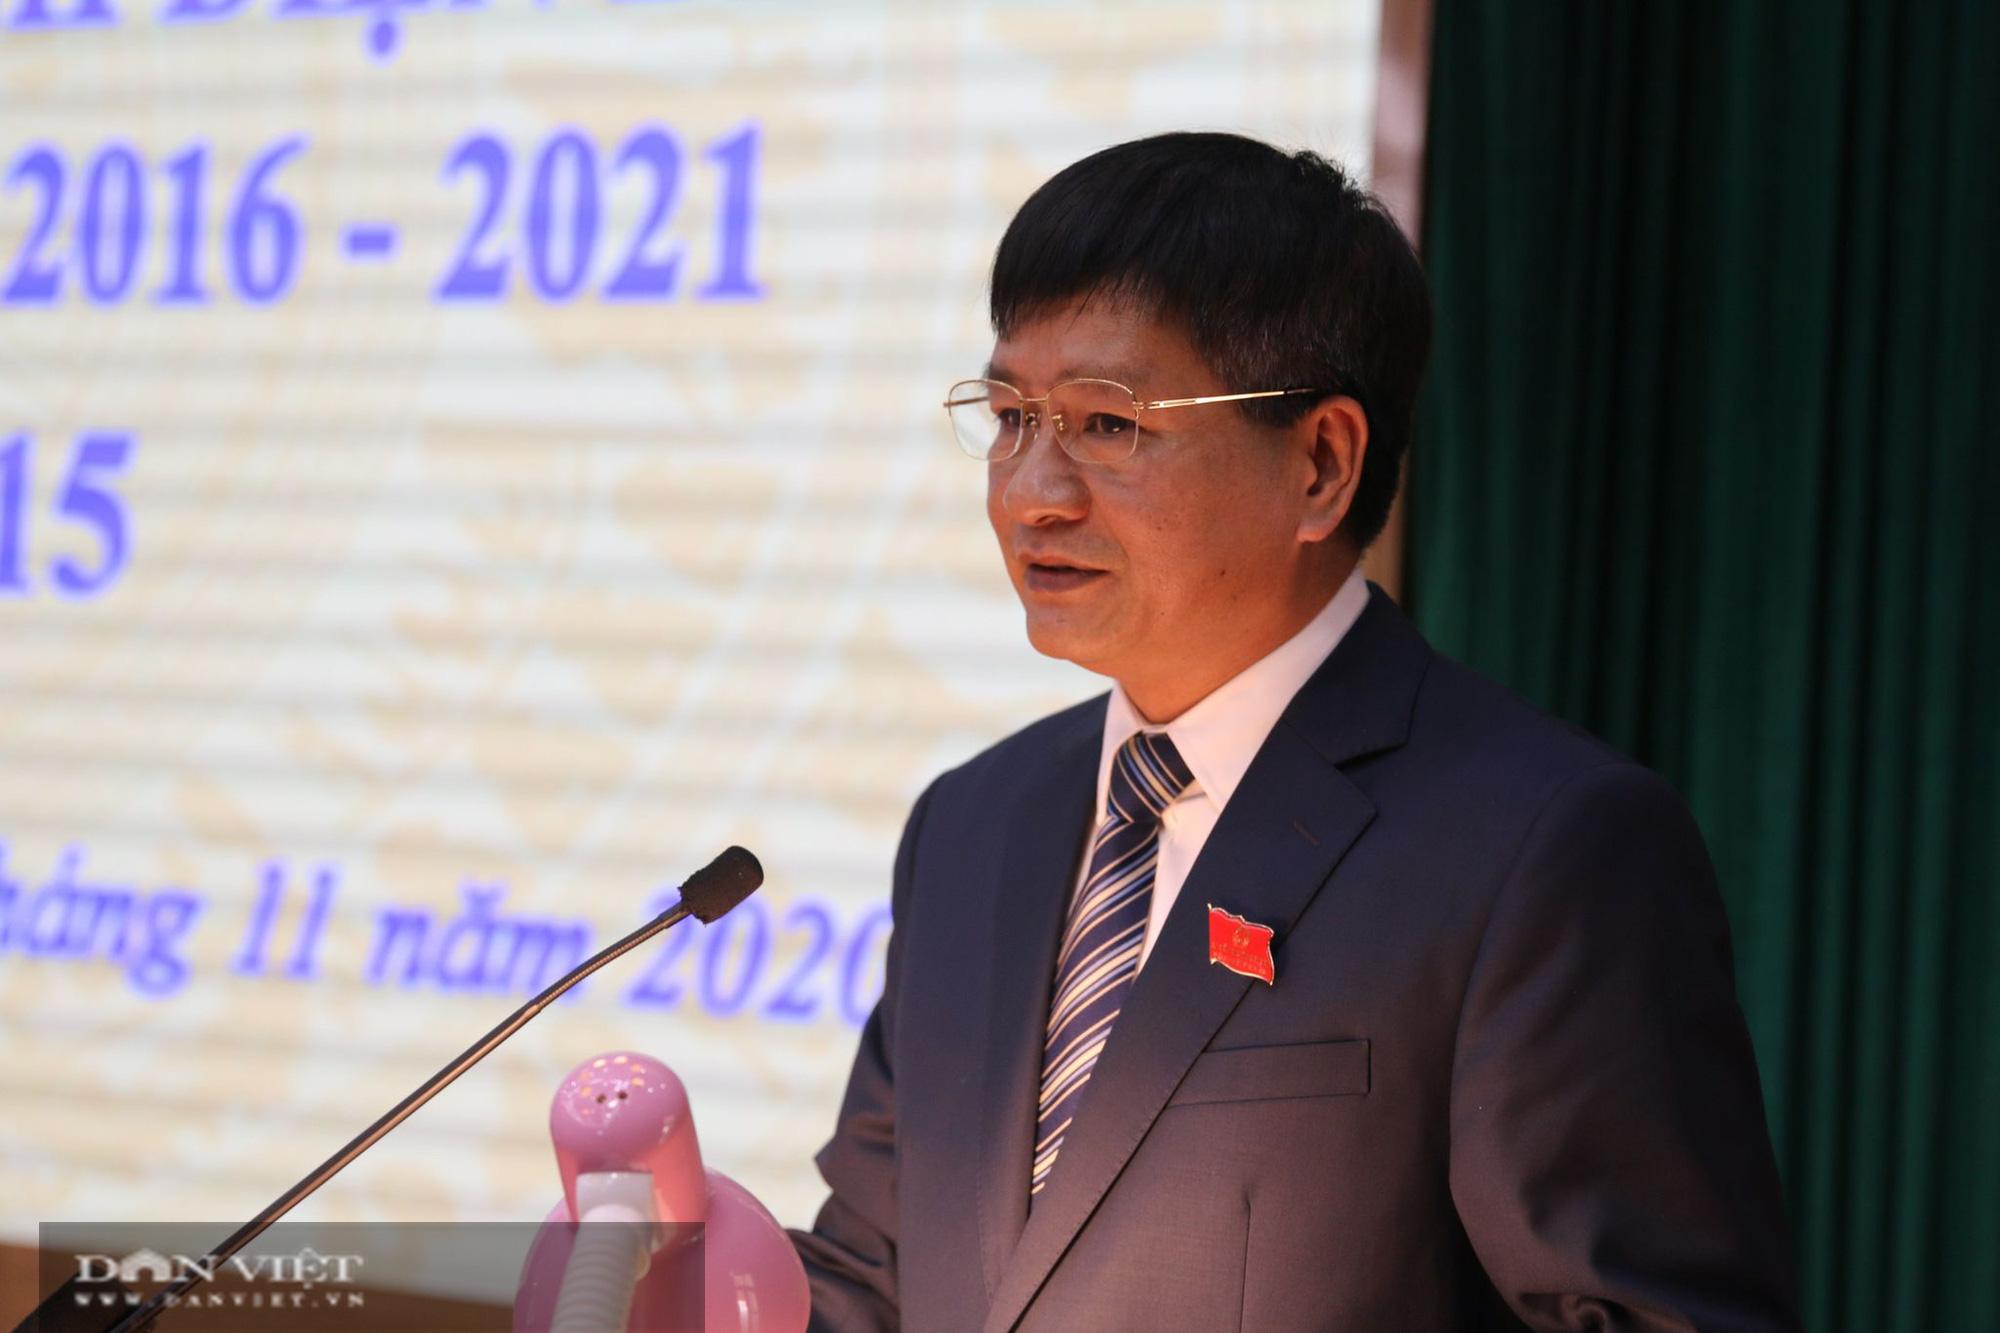 Điện Biên: Ông Lê Thành Đô, được bầu giữ chức Chủ tịch UBND tỉnh - Ảnh 1.